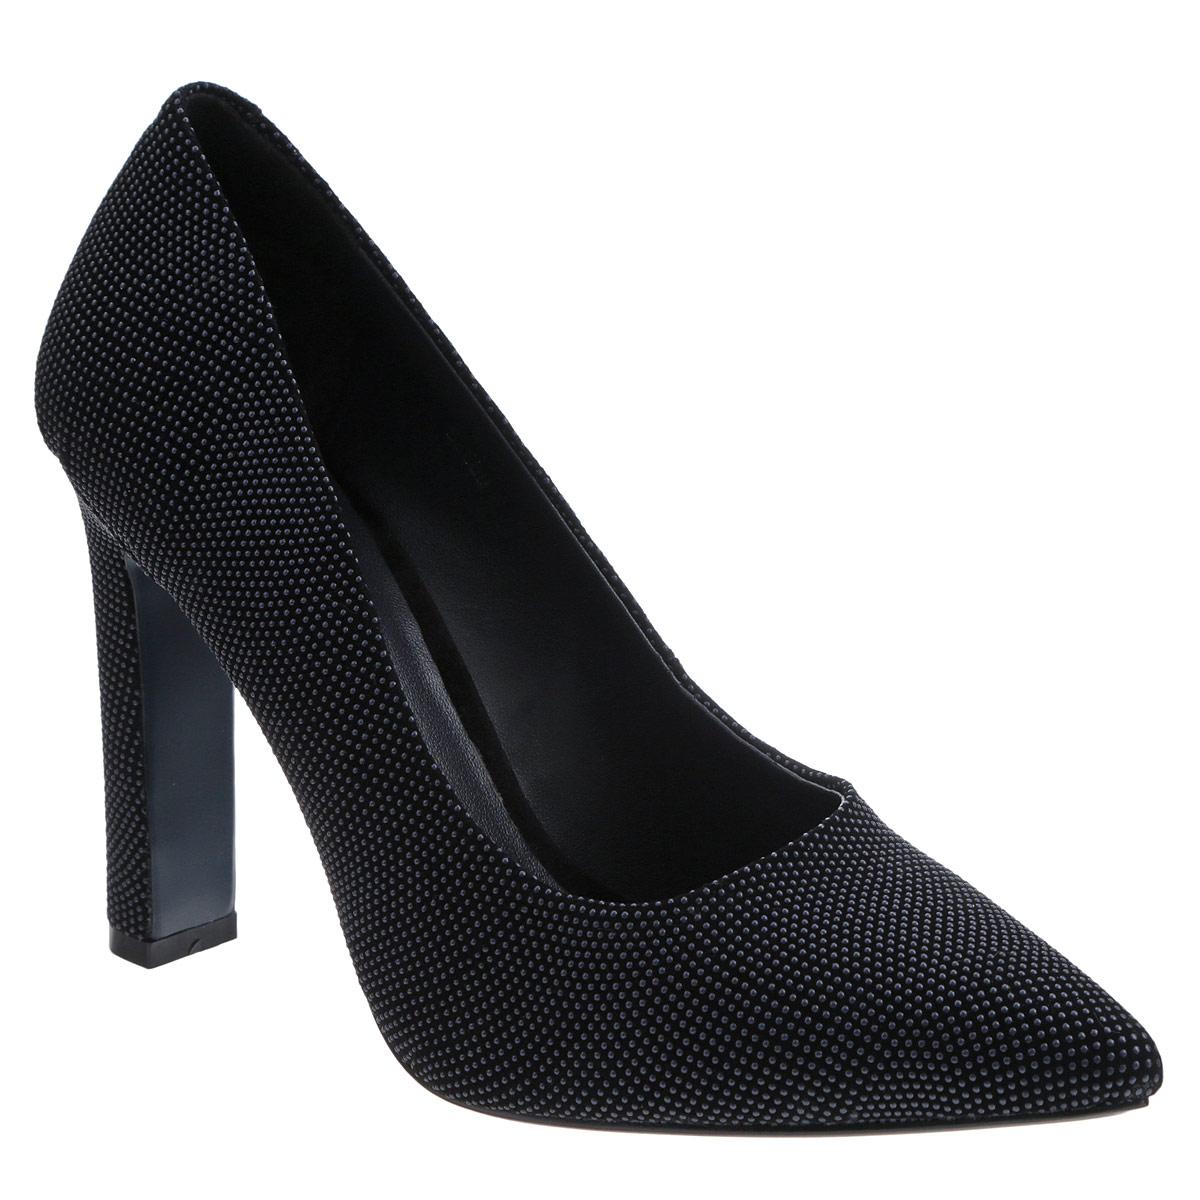 Туфли женские. 5268952689Изысканные женские туфли от Antonio Biaggi эффектно дополнят ваш модный образ. Модель на высоком каблуке выполнена из высококачественной натуральной замши и декорирована пластиковыми бусинами. Зауженный носок смотрится стильно. Стелька из натуральной кожи обеспечивает комфорт при ходьбе. Подошва и каблук дополнены противоскользящим рифлением. Стильные туфли подчеркнут вашу яркую индивидуальность, позволят выделиться среди окружающих.